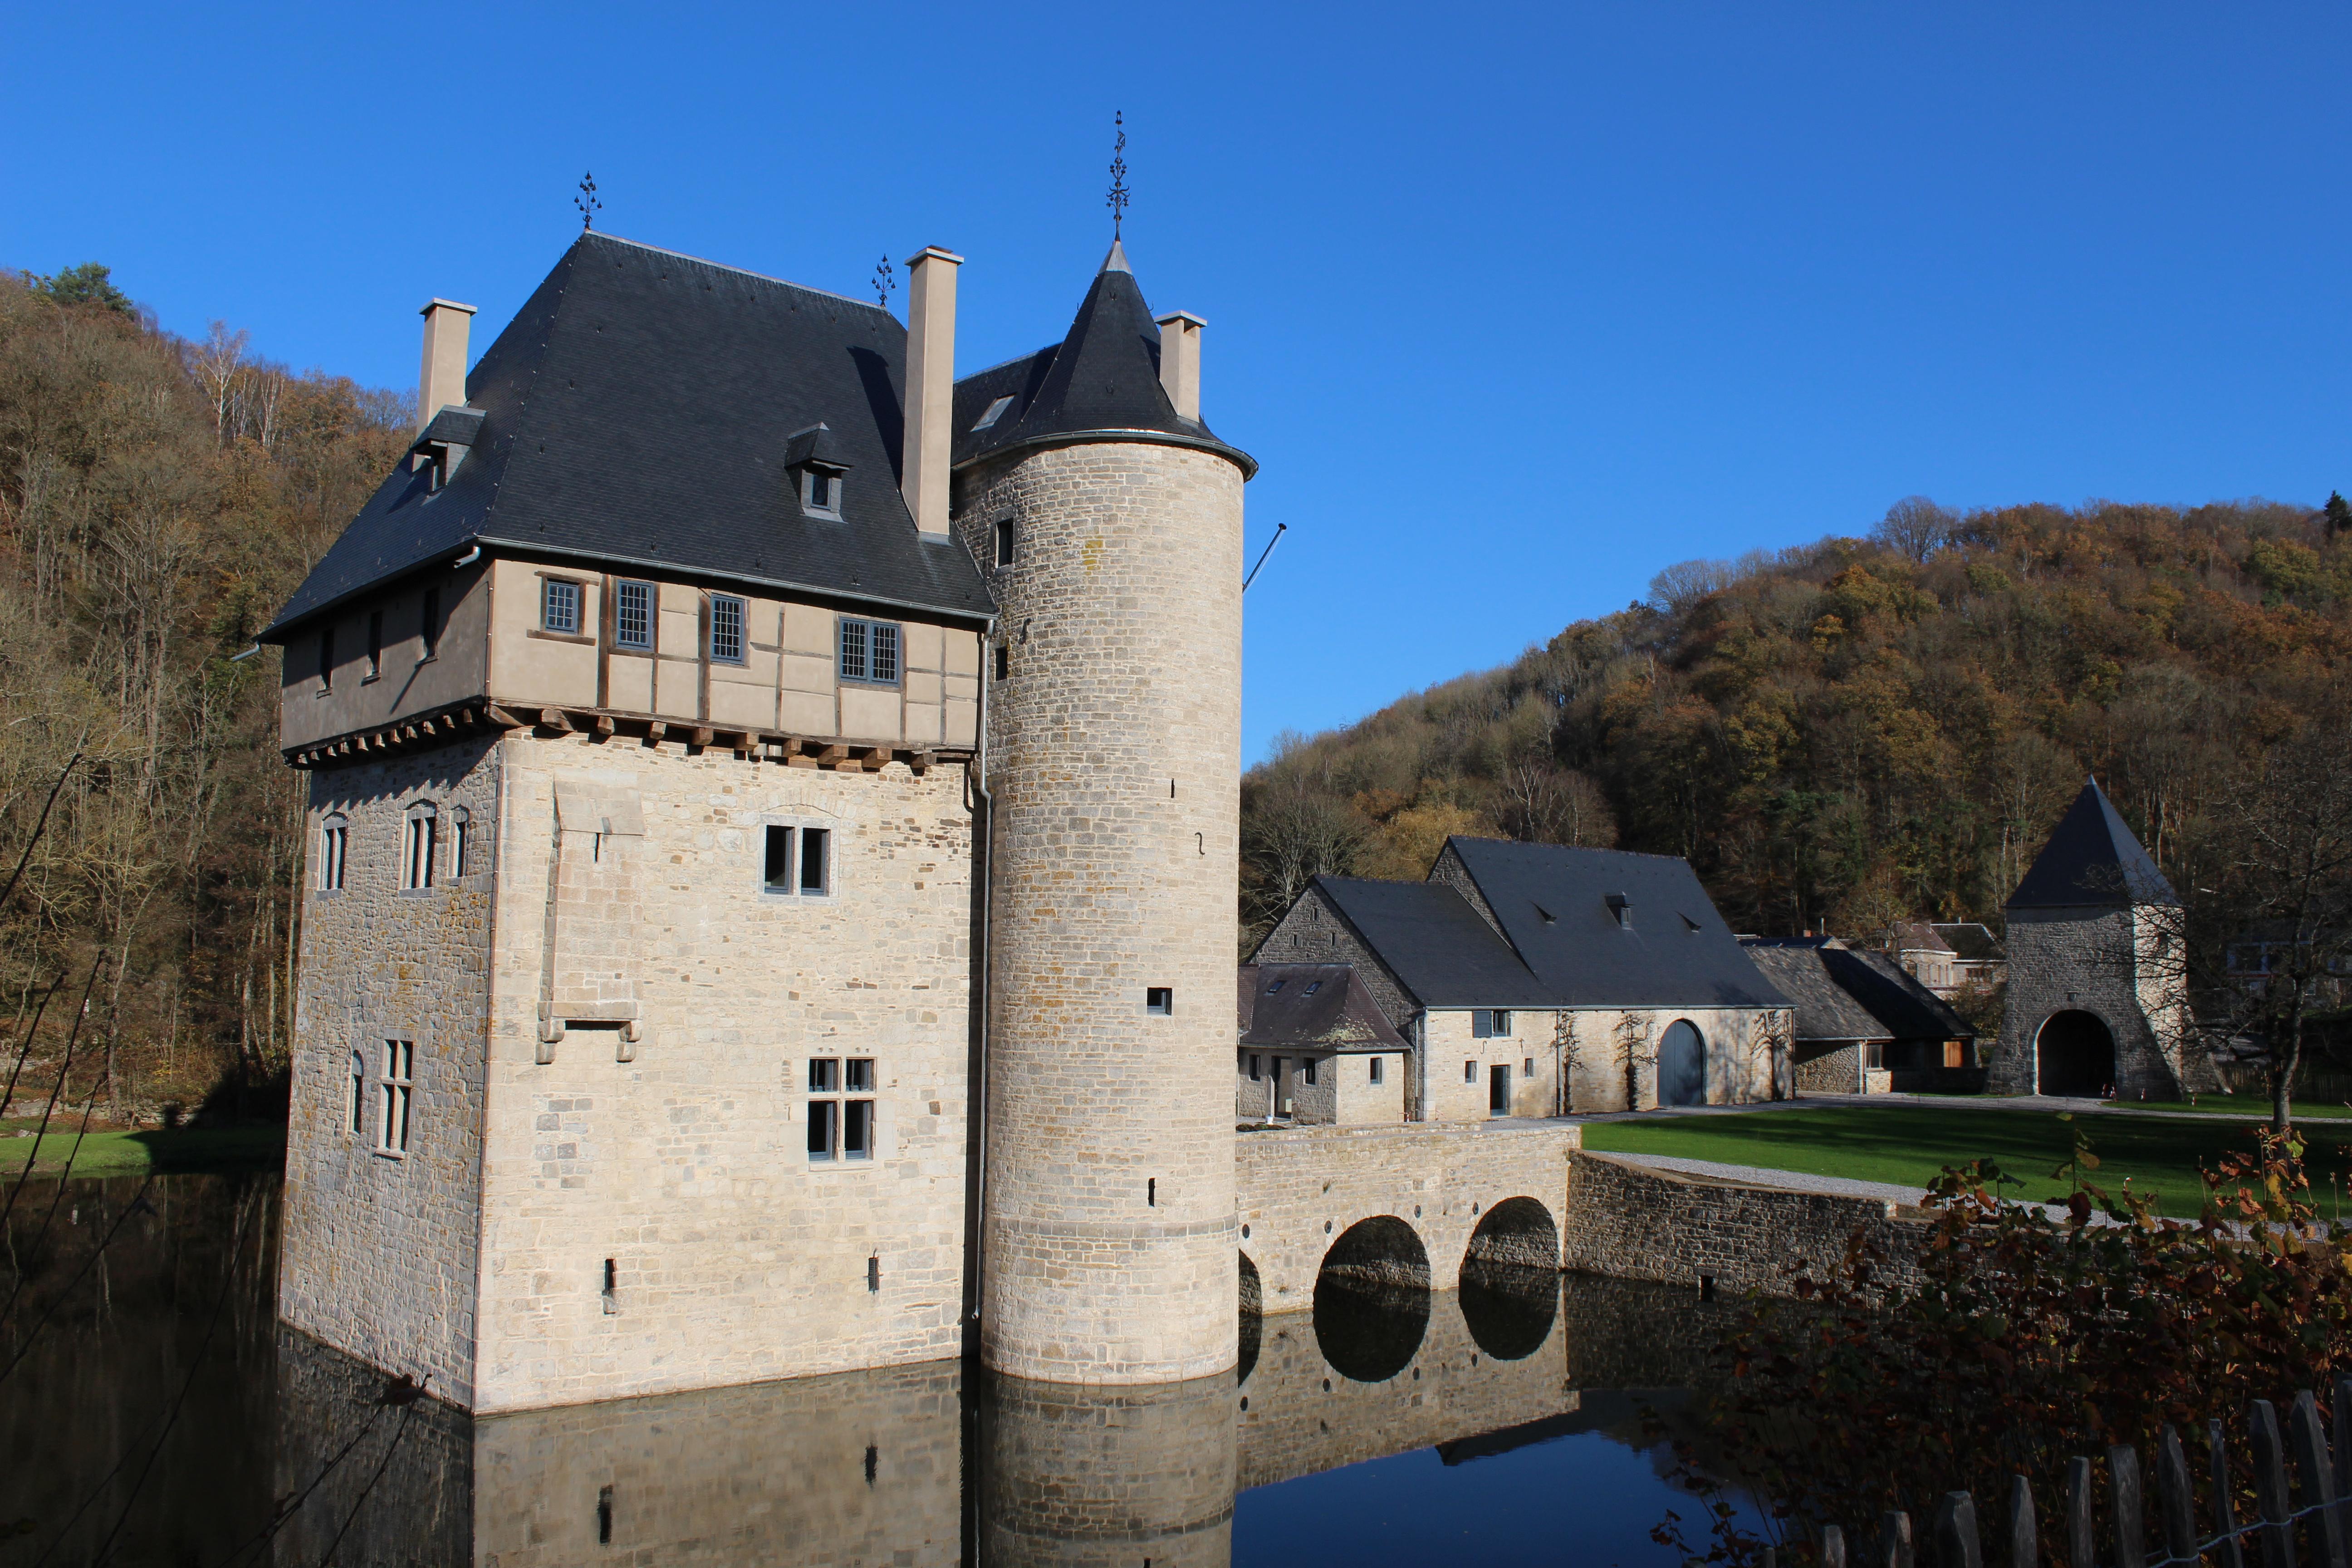 Maison Forte - Crupet -Plus beaux village de Wallonie